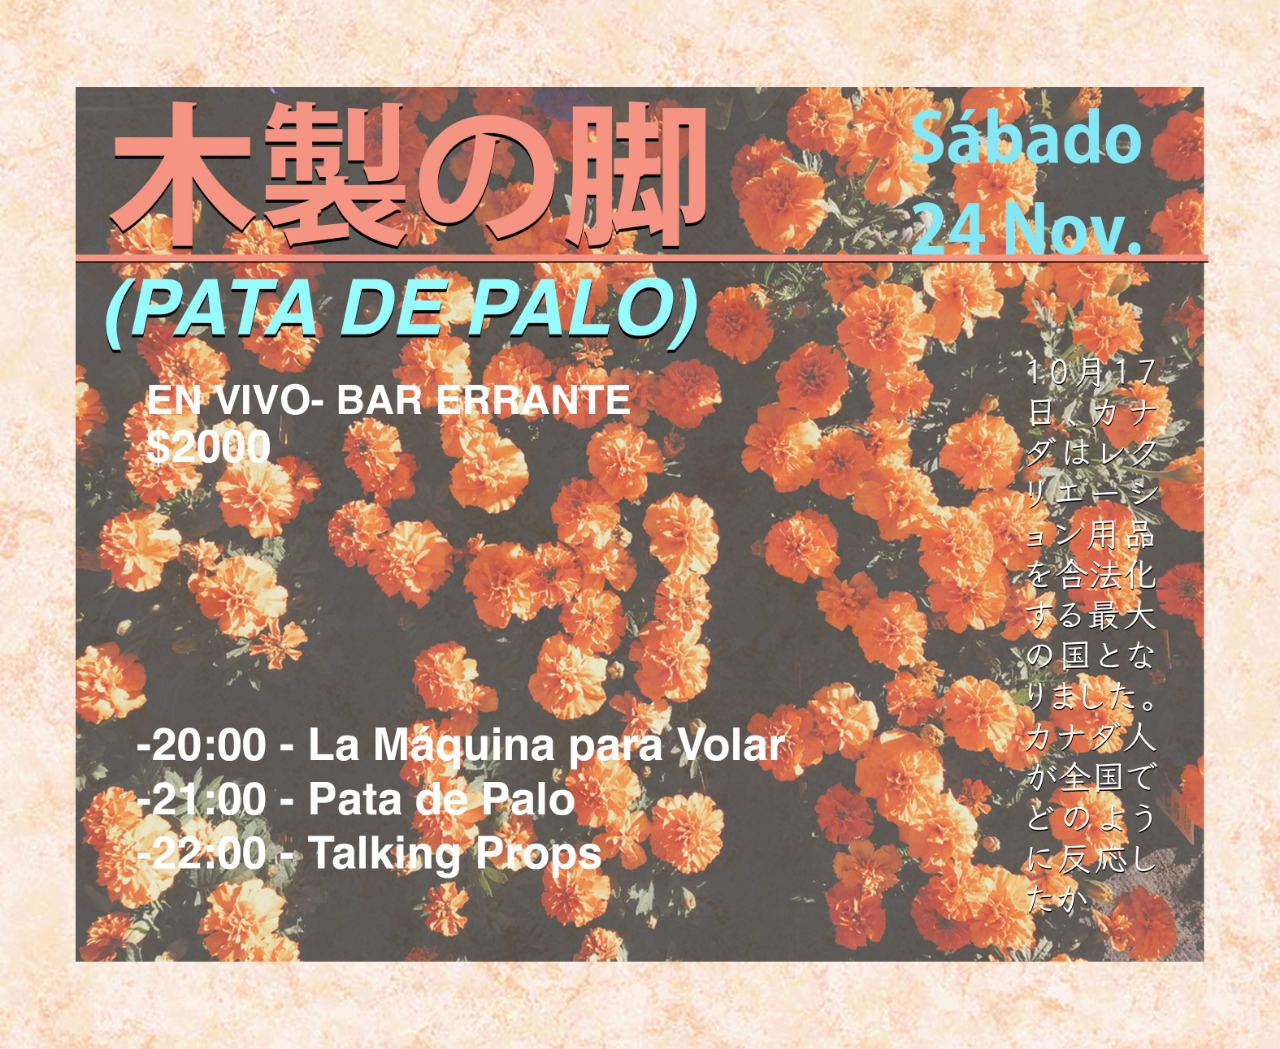 LMPV + Pata de Palo + Talking Props en Bar Errante